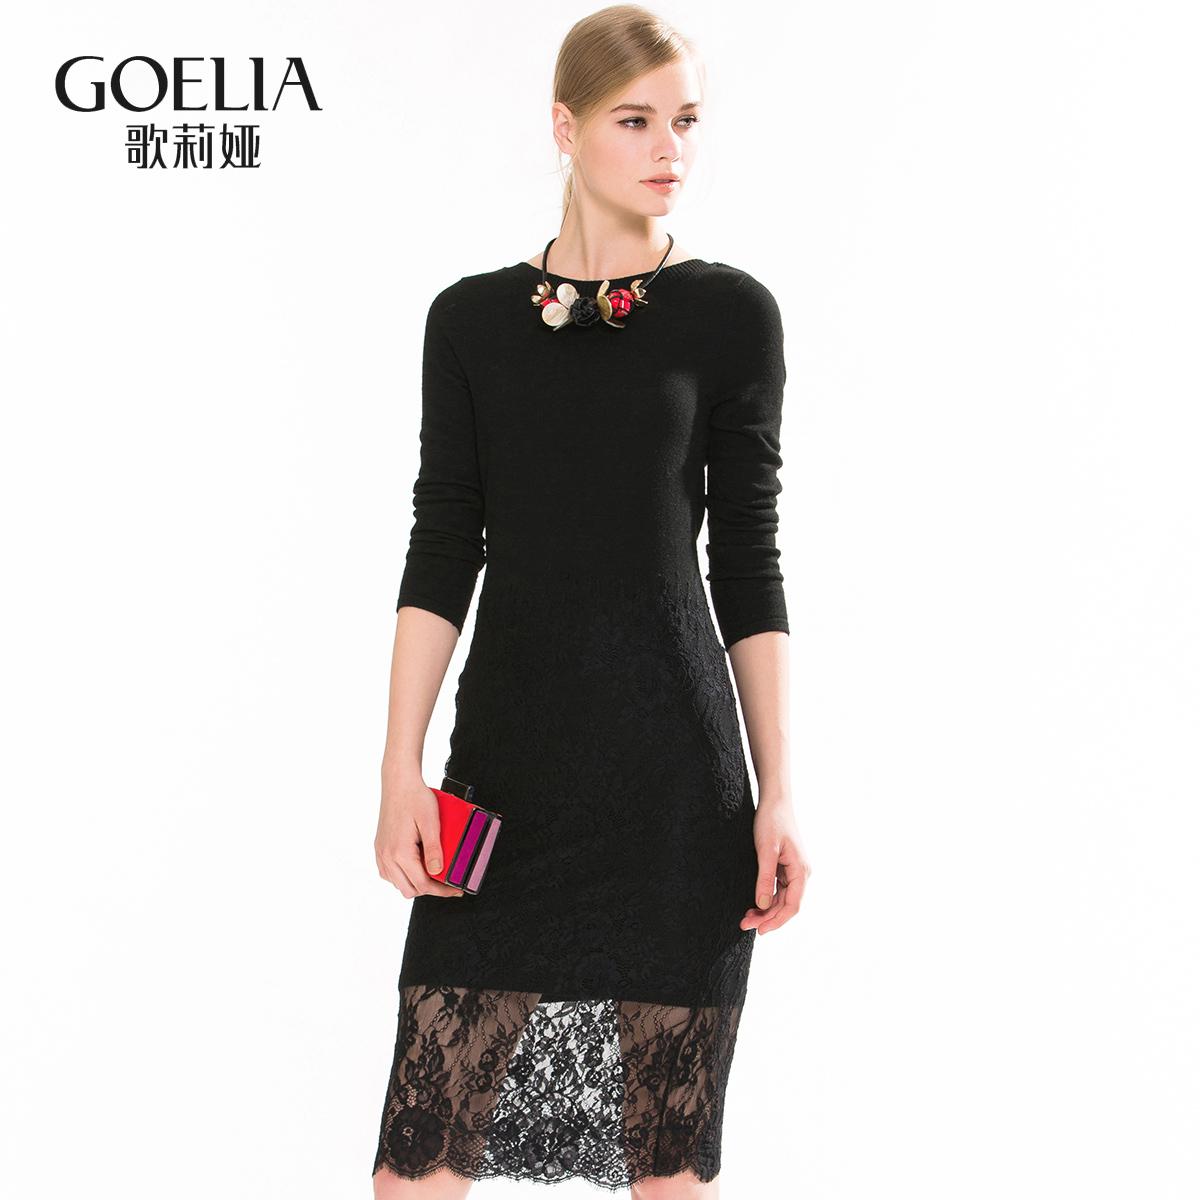 歌莉娅女装 歌莉娅女装 2016新款圆领长袖针织衫女毛衣连衣裙161K5I060_推荐淘宝好看的歌莉娅